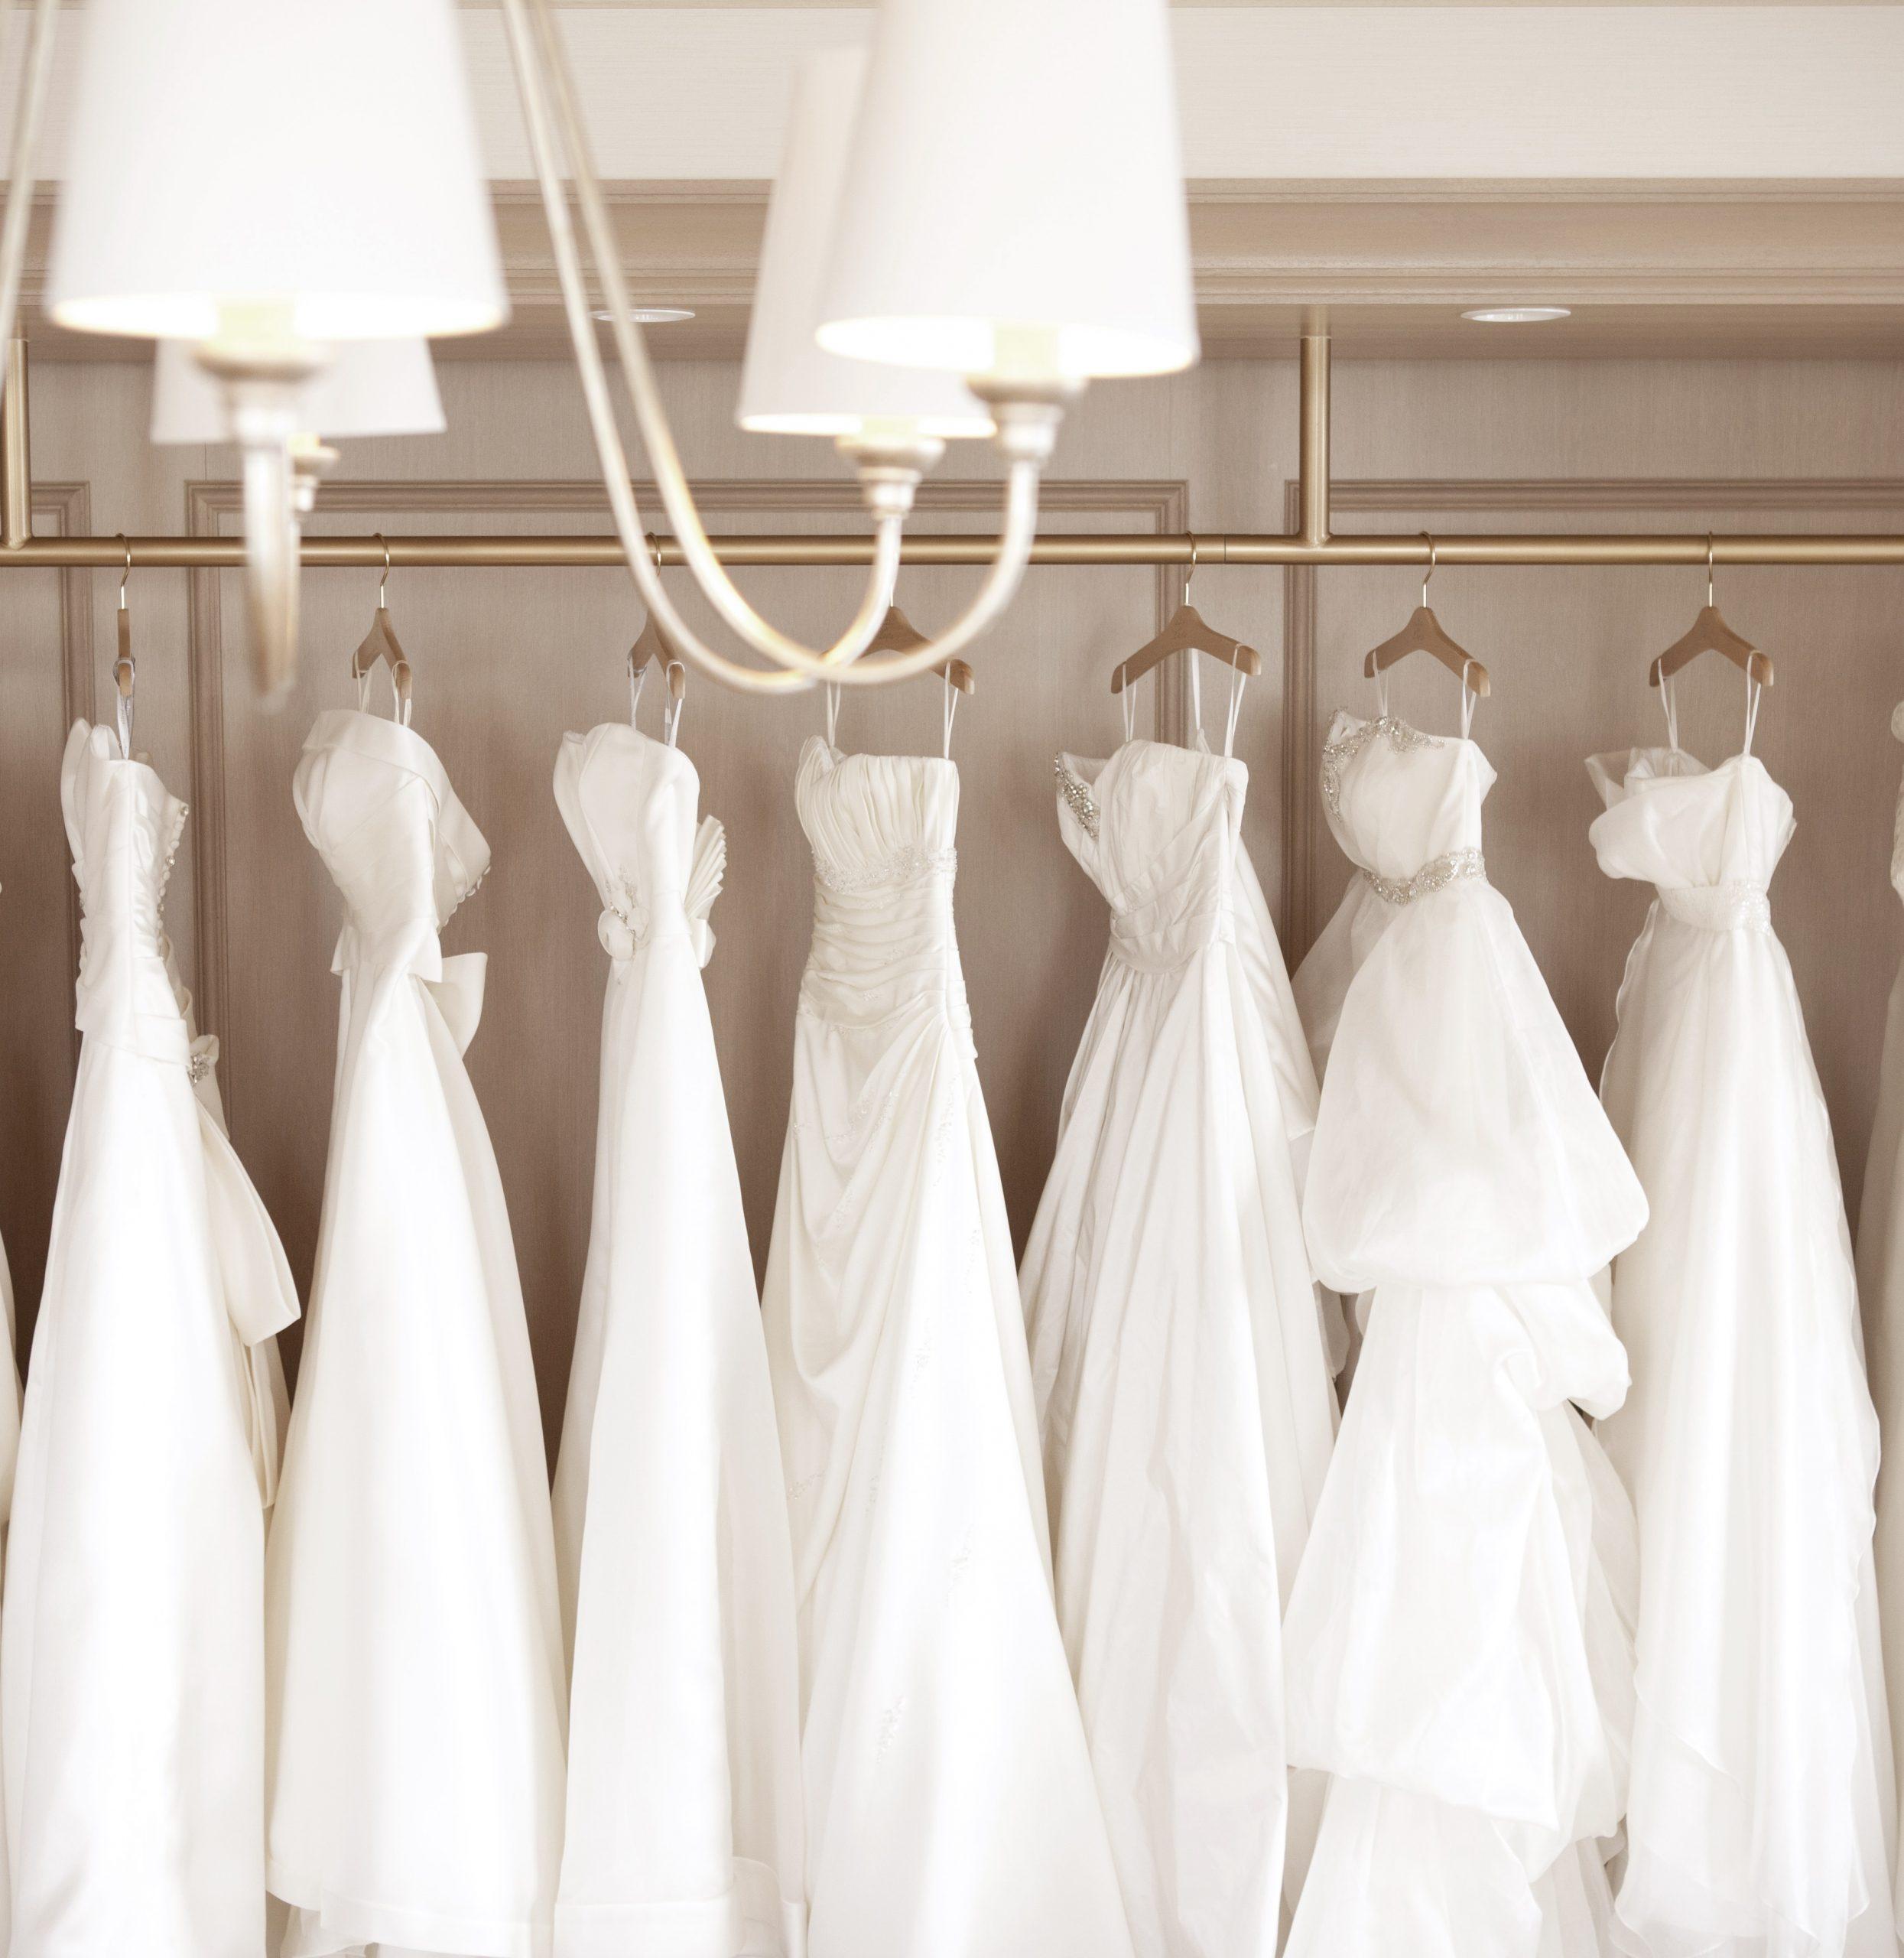 花嫁を輝かせてくれるドレスが豊富に揃う抜群のラインナップ!